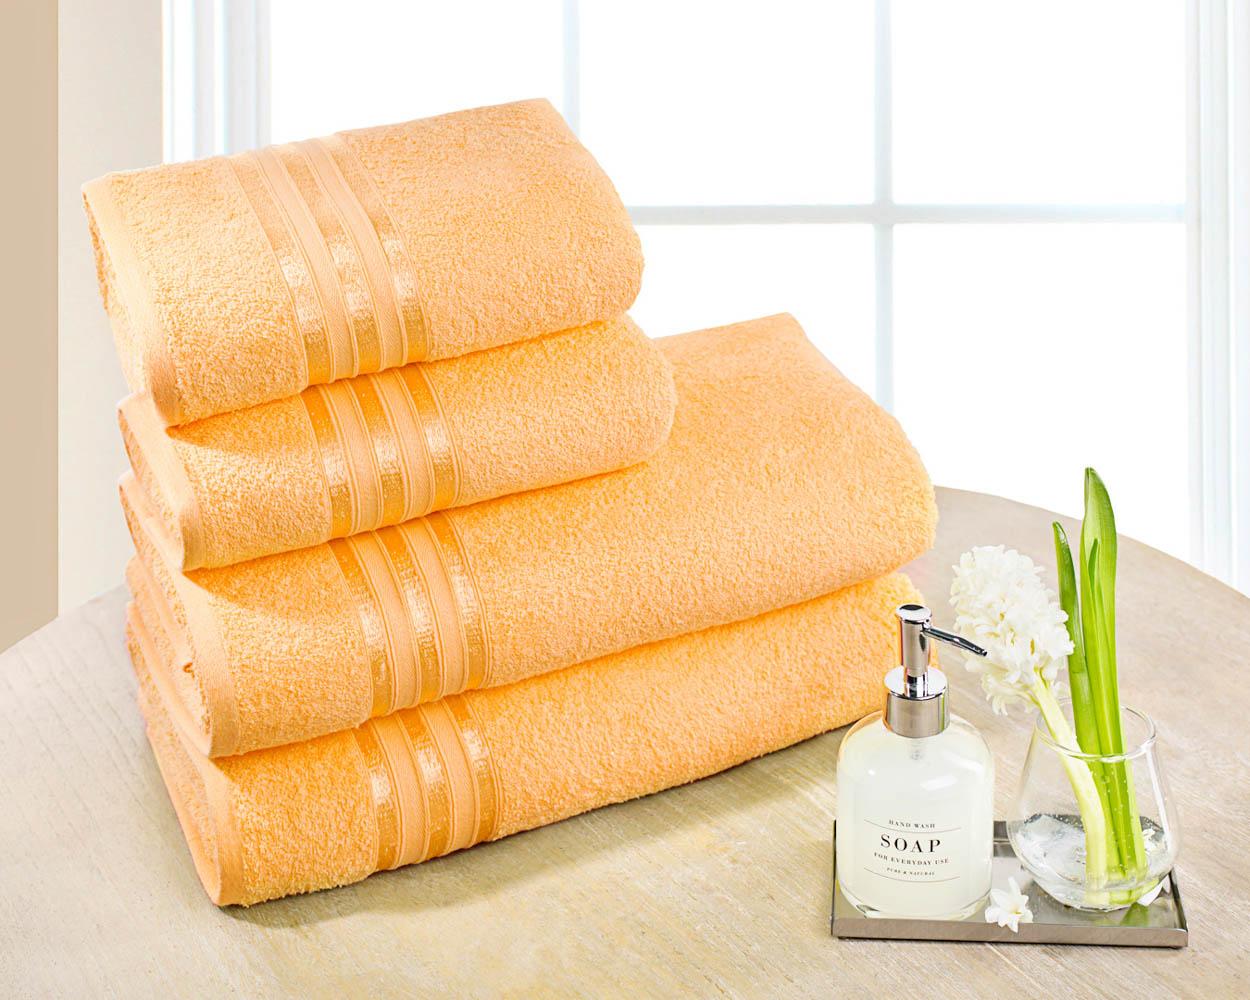 Полотенца Dome Набор из 4 полотенец Harmonika Цвет: Абрикосовый полотенца кухонные la pastel набор полотенец 4 предмета из микрофибры 30х30